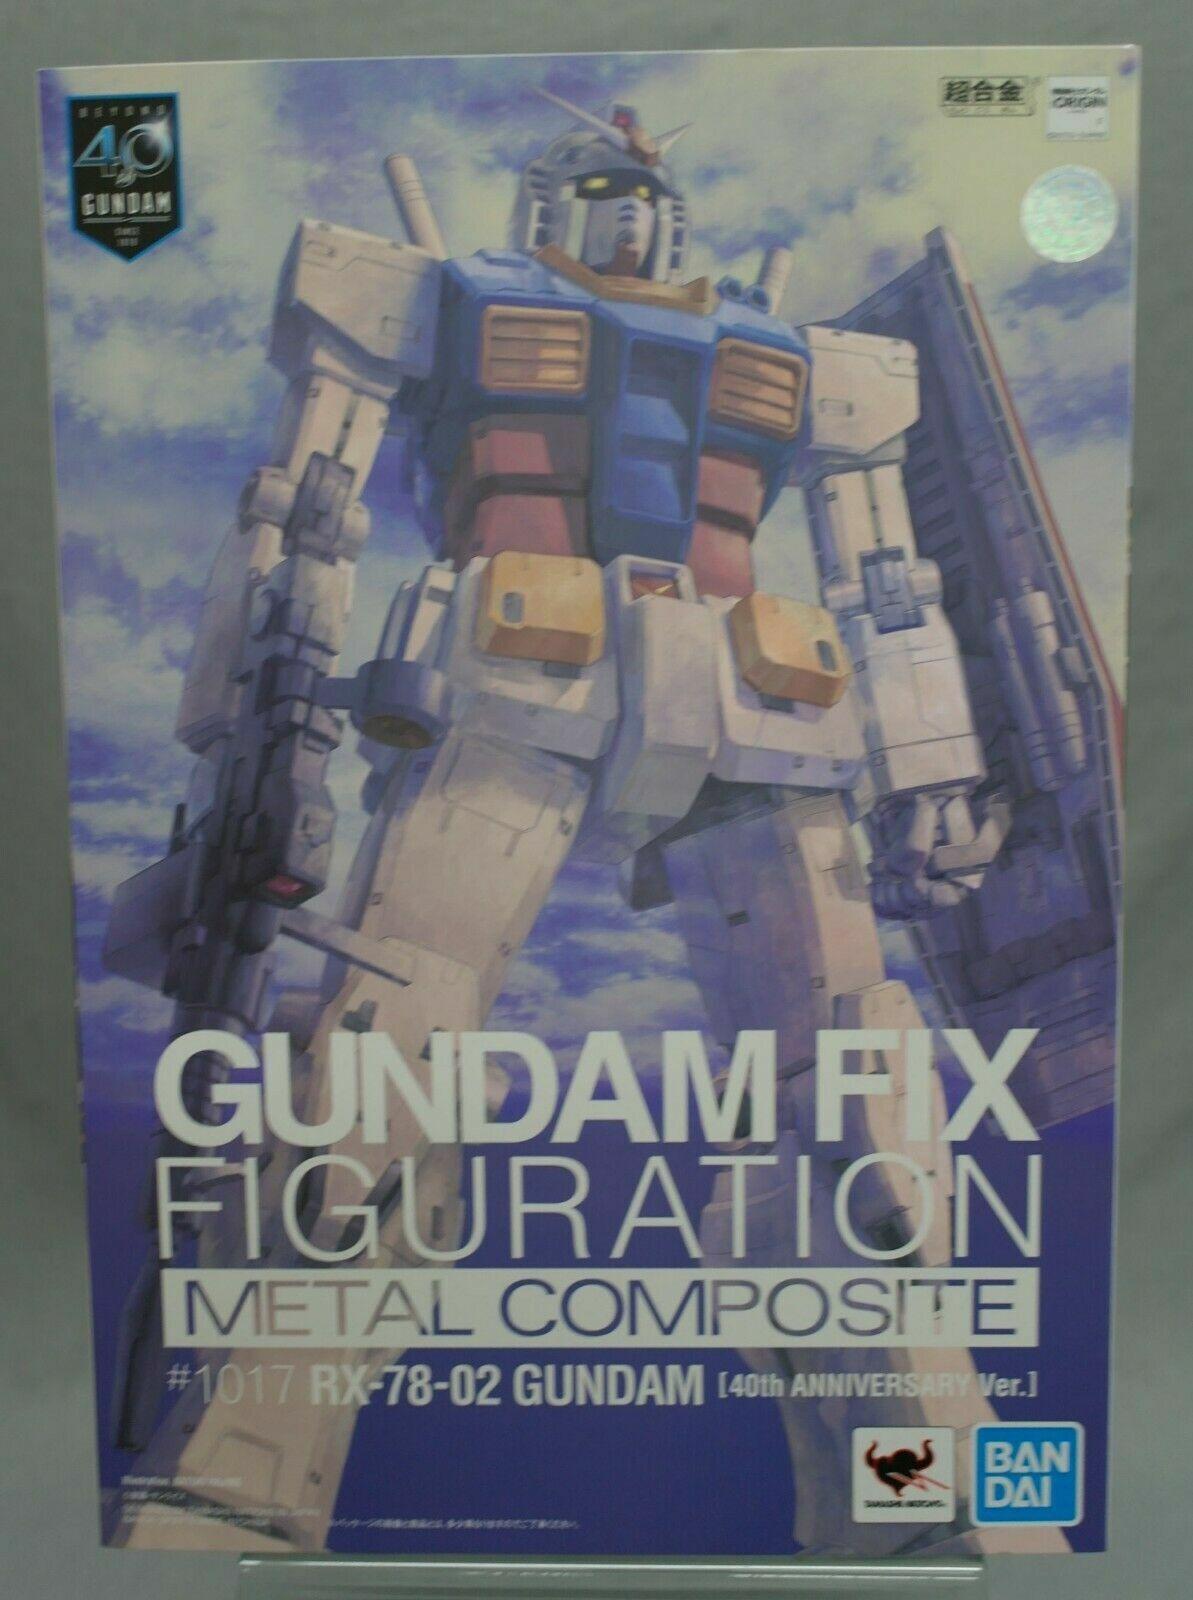 GUNDAM FIX cifraTION METAL COMPOSITE RX-78-02 Gundam  40th Commemoration Beai  ordina adesso